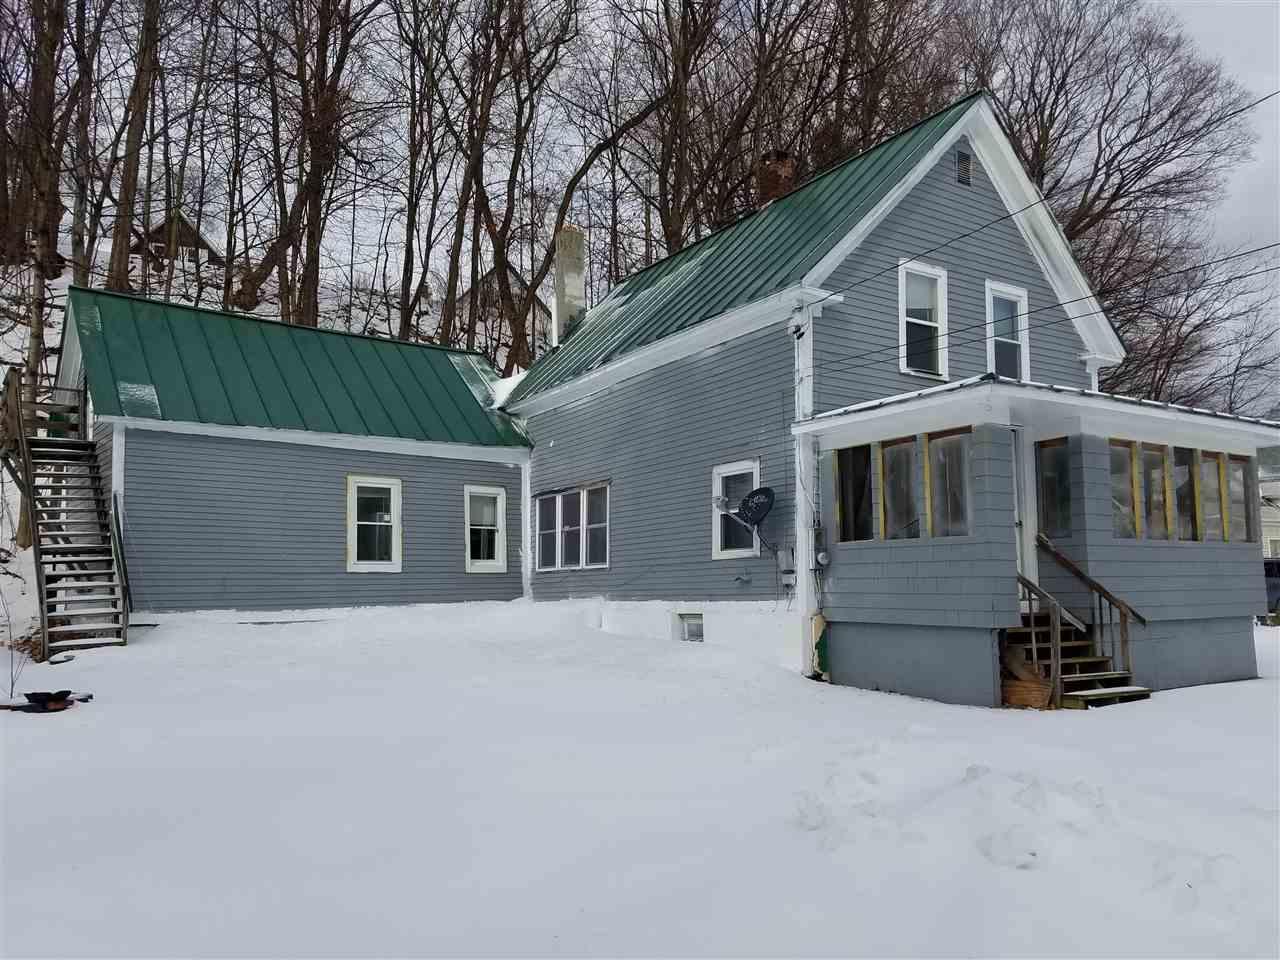 Homes in Windsor VT